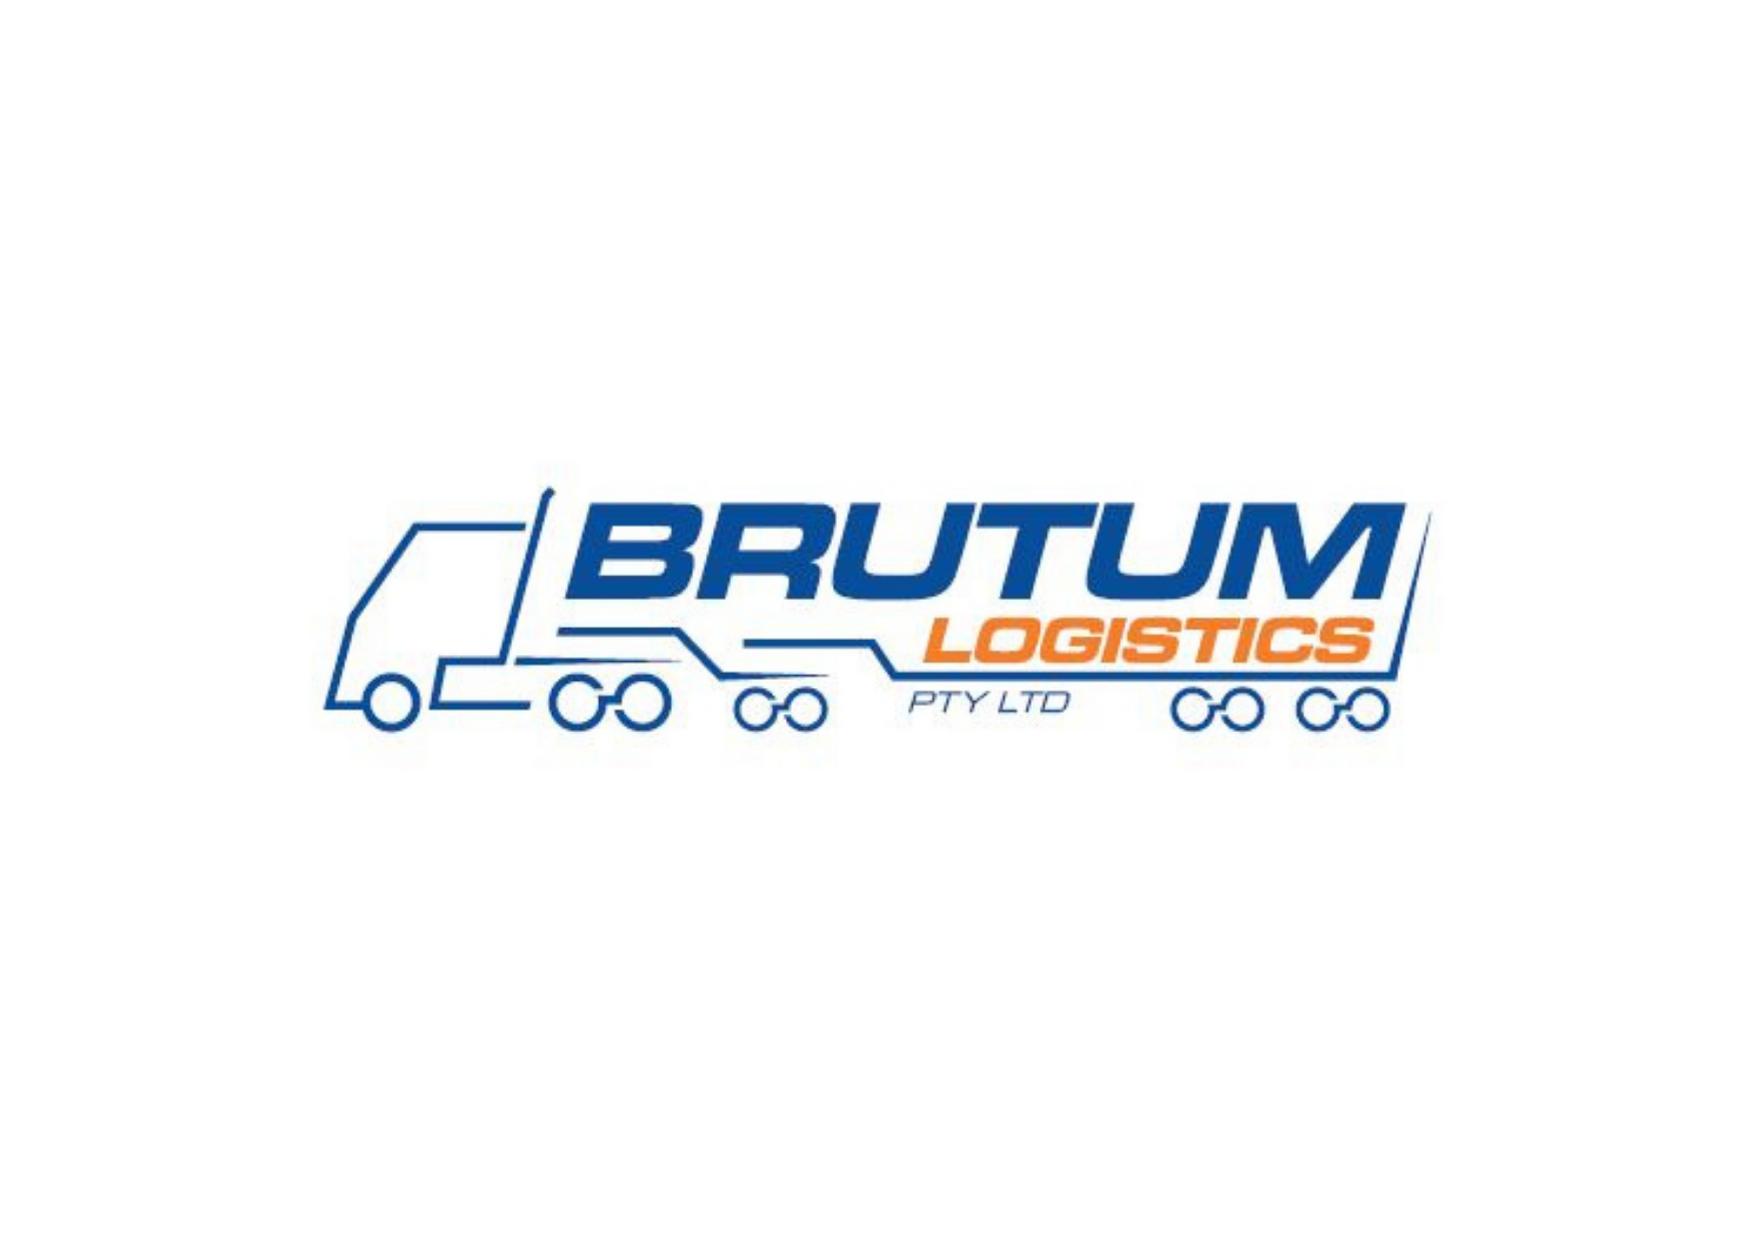 Brutum Logistics